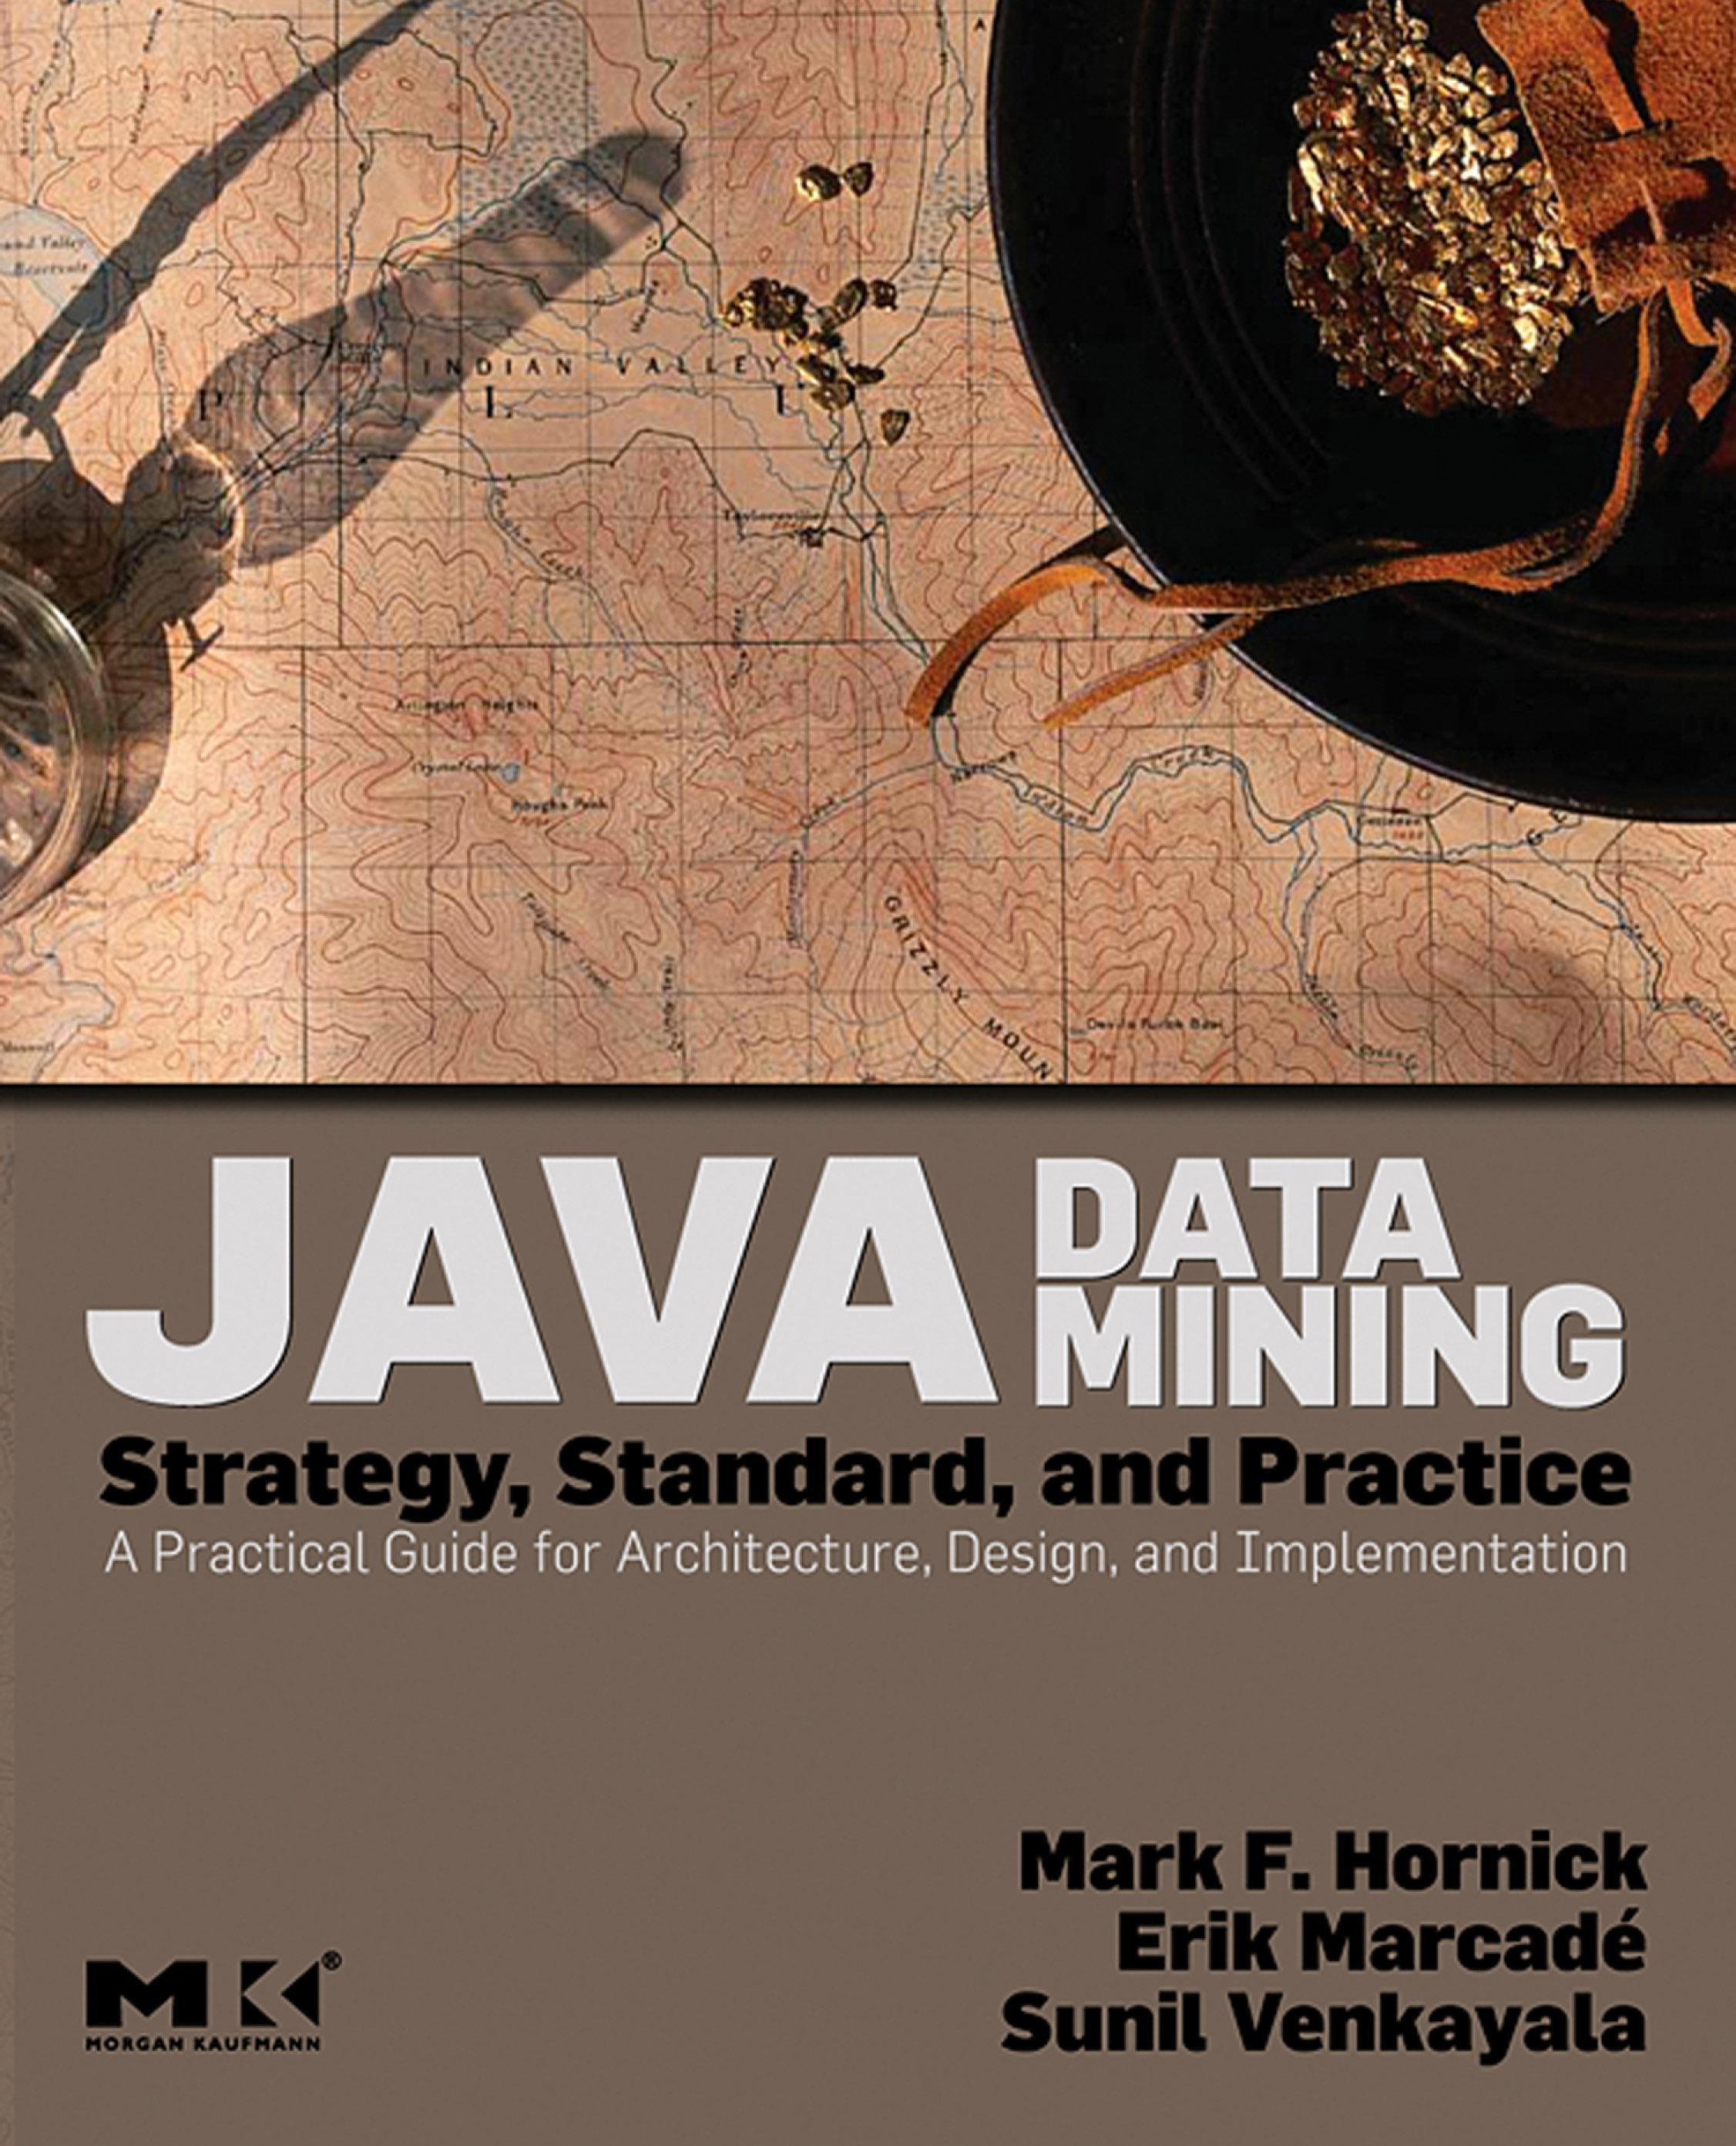 Читать онлайн, скачать или купить книгу Java Data Mining Strategy